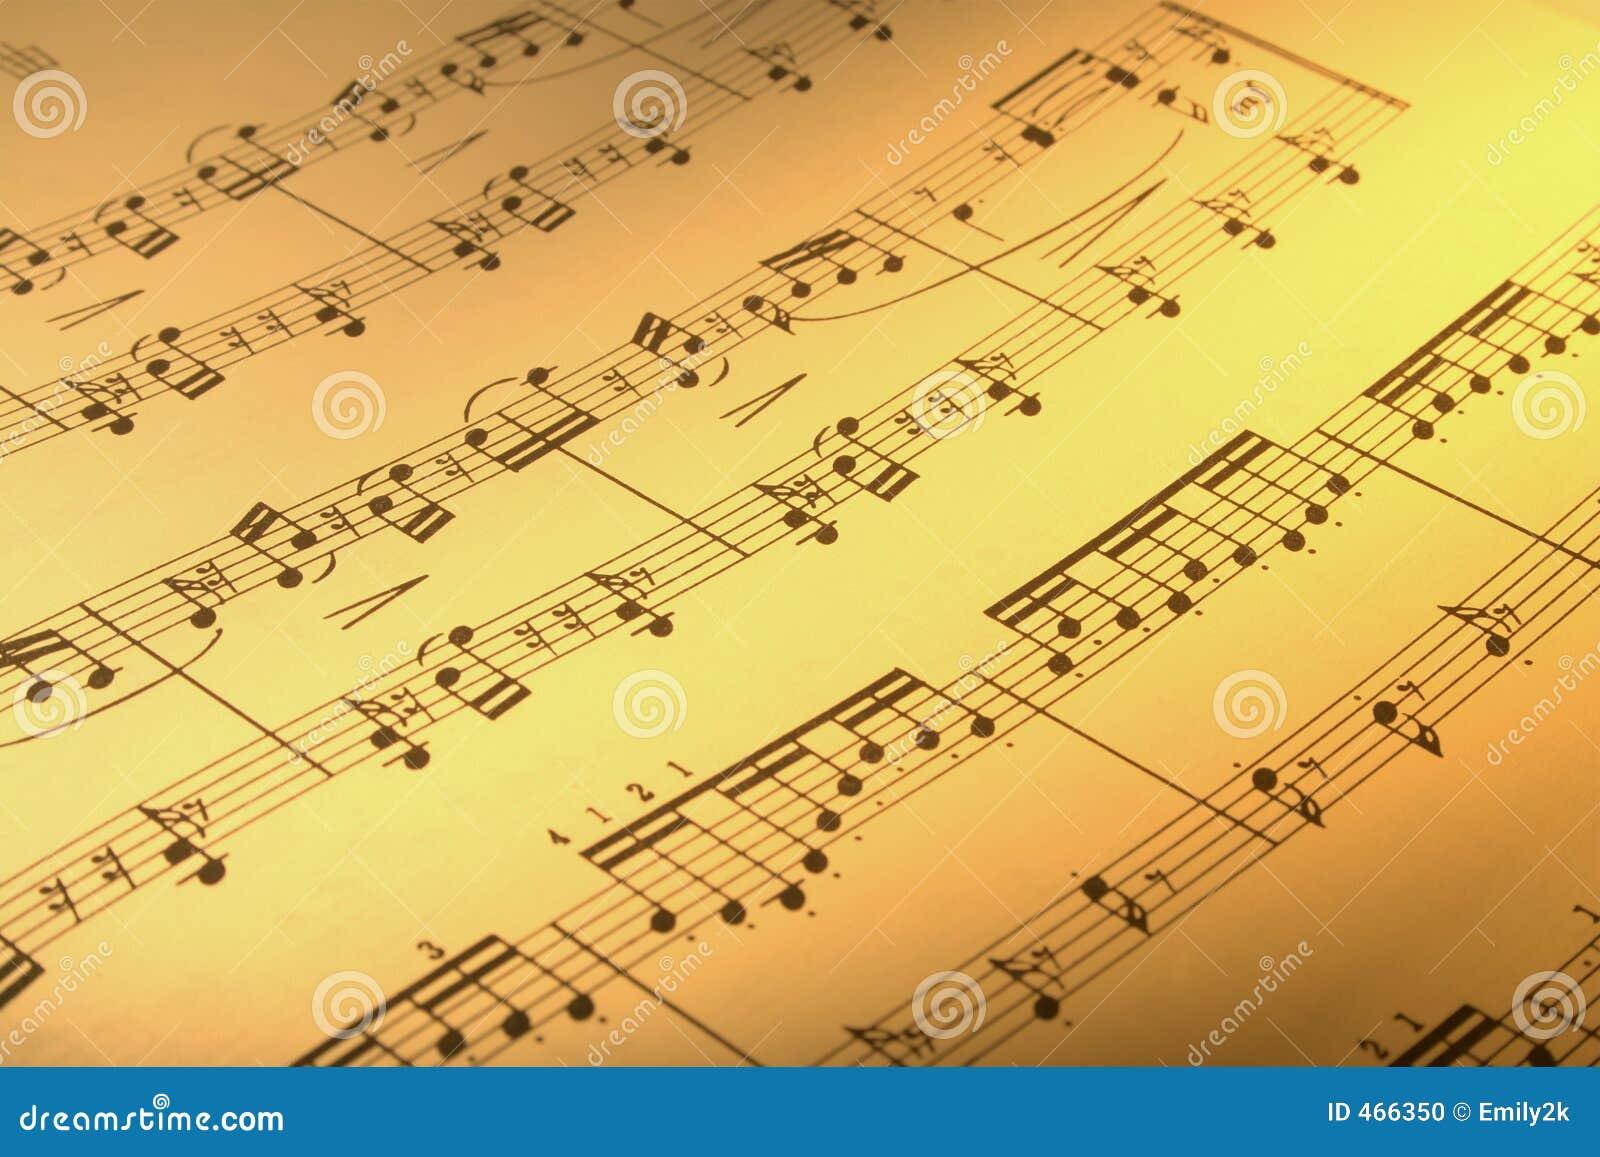 Music score stock photo  Image of muzak, clef, closeup - 466350